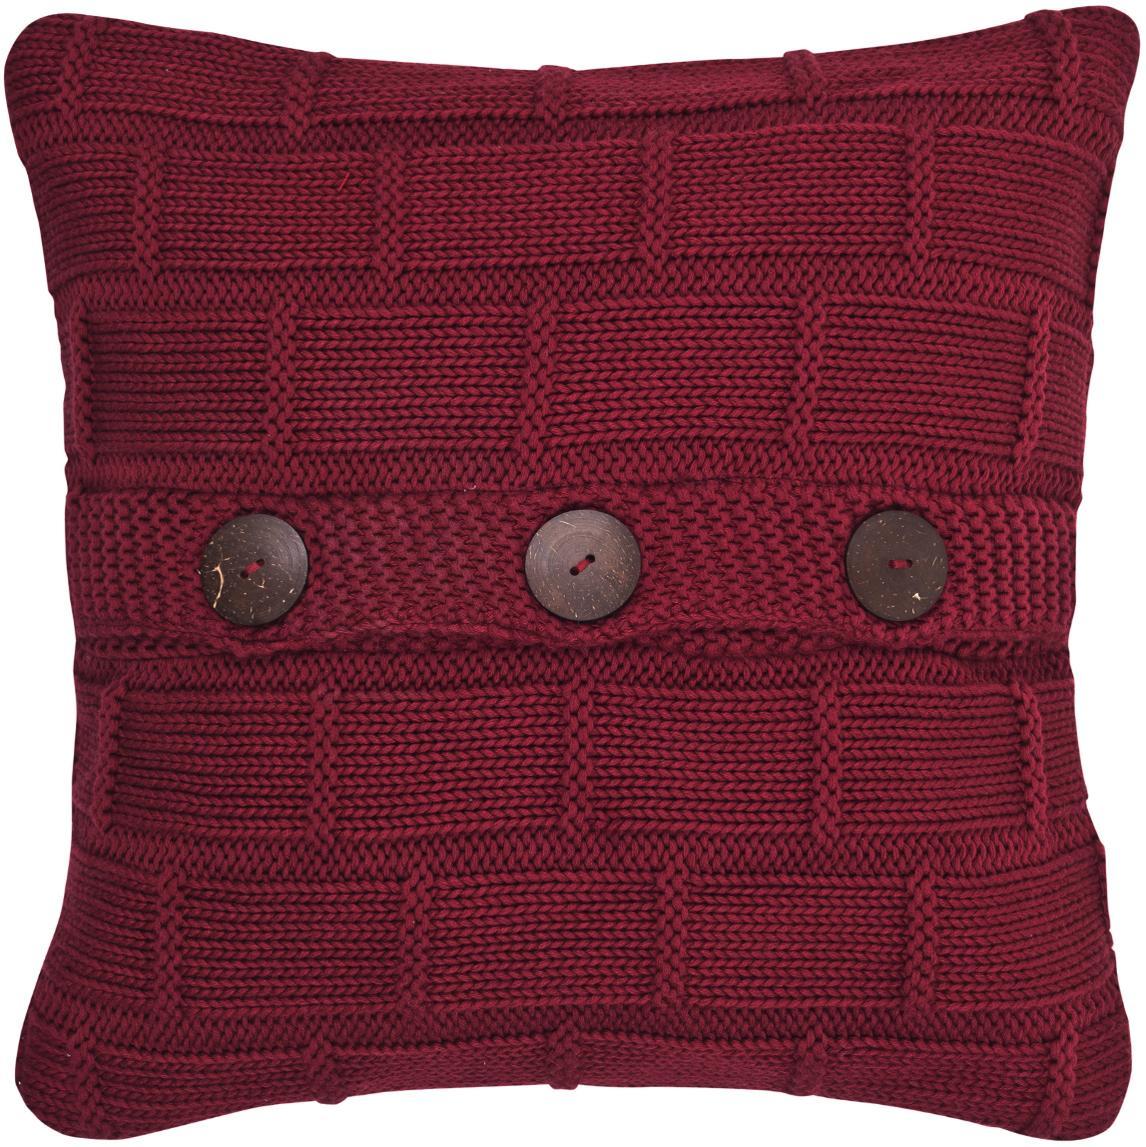 Strick-Kissenhülle Clara in Rot mit Holzknöpfen, Baumwolle Holzknöpfe, Rot, 40 x 40 cm